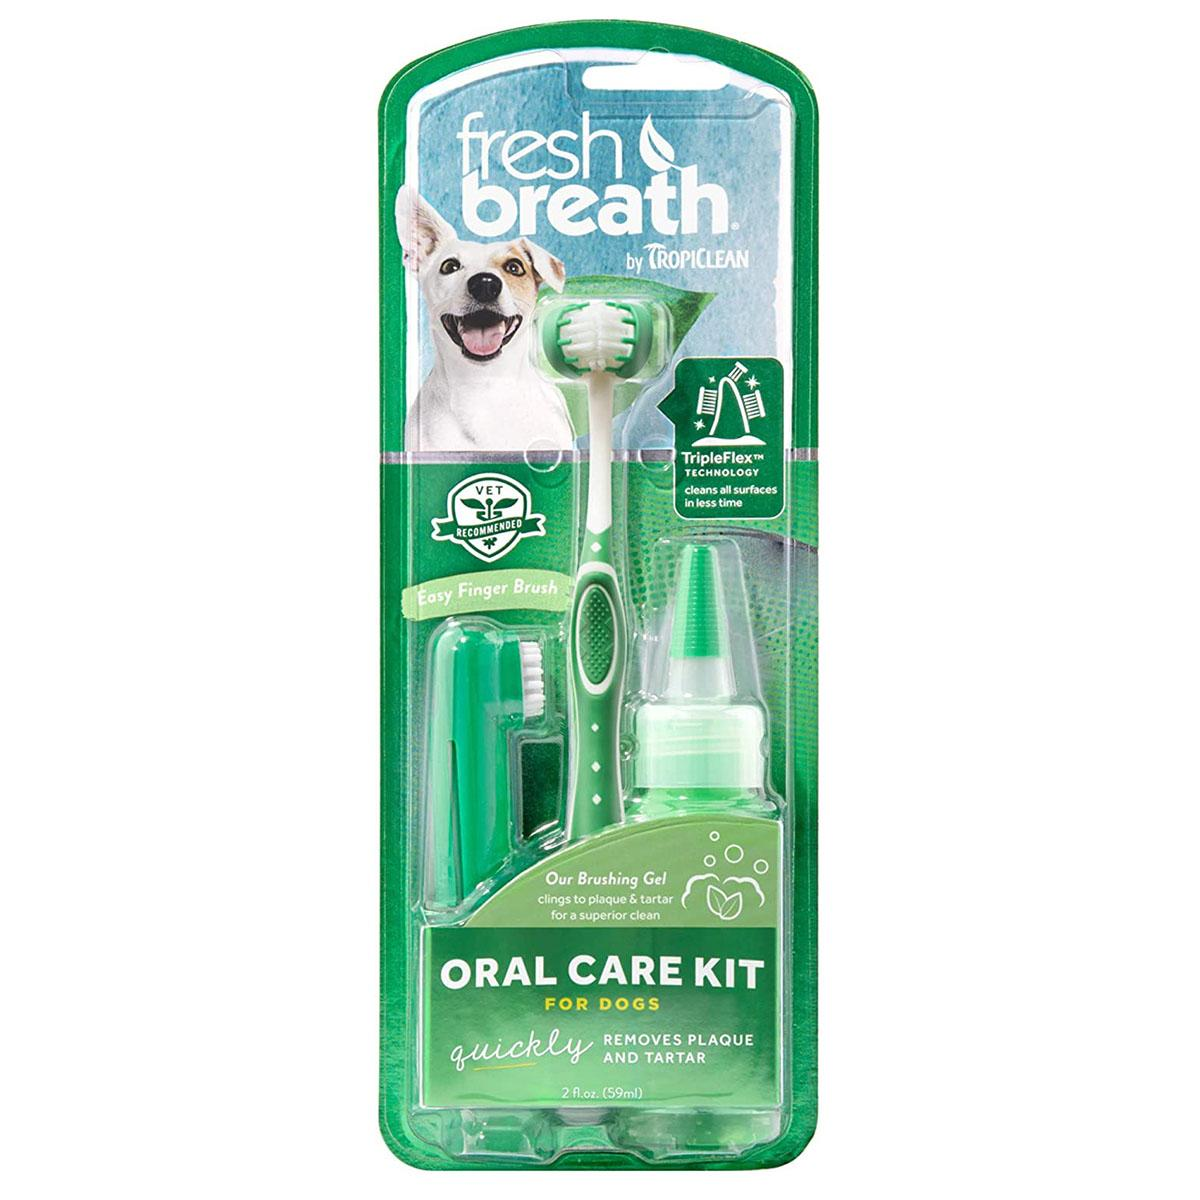 TropiClean Fresh Breath Pet Oral Care Kit